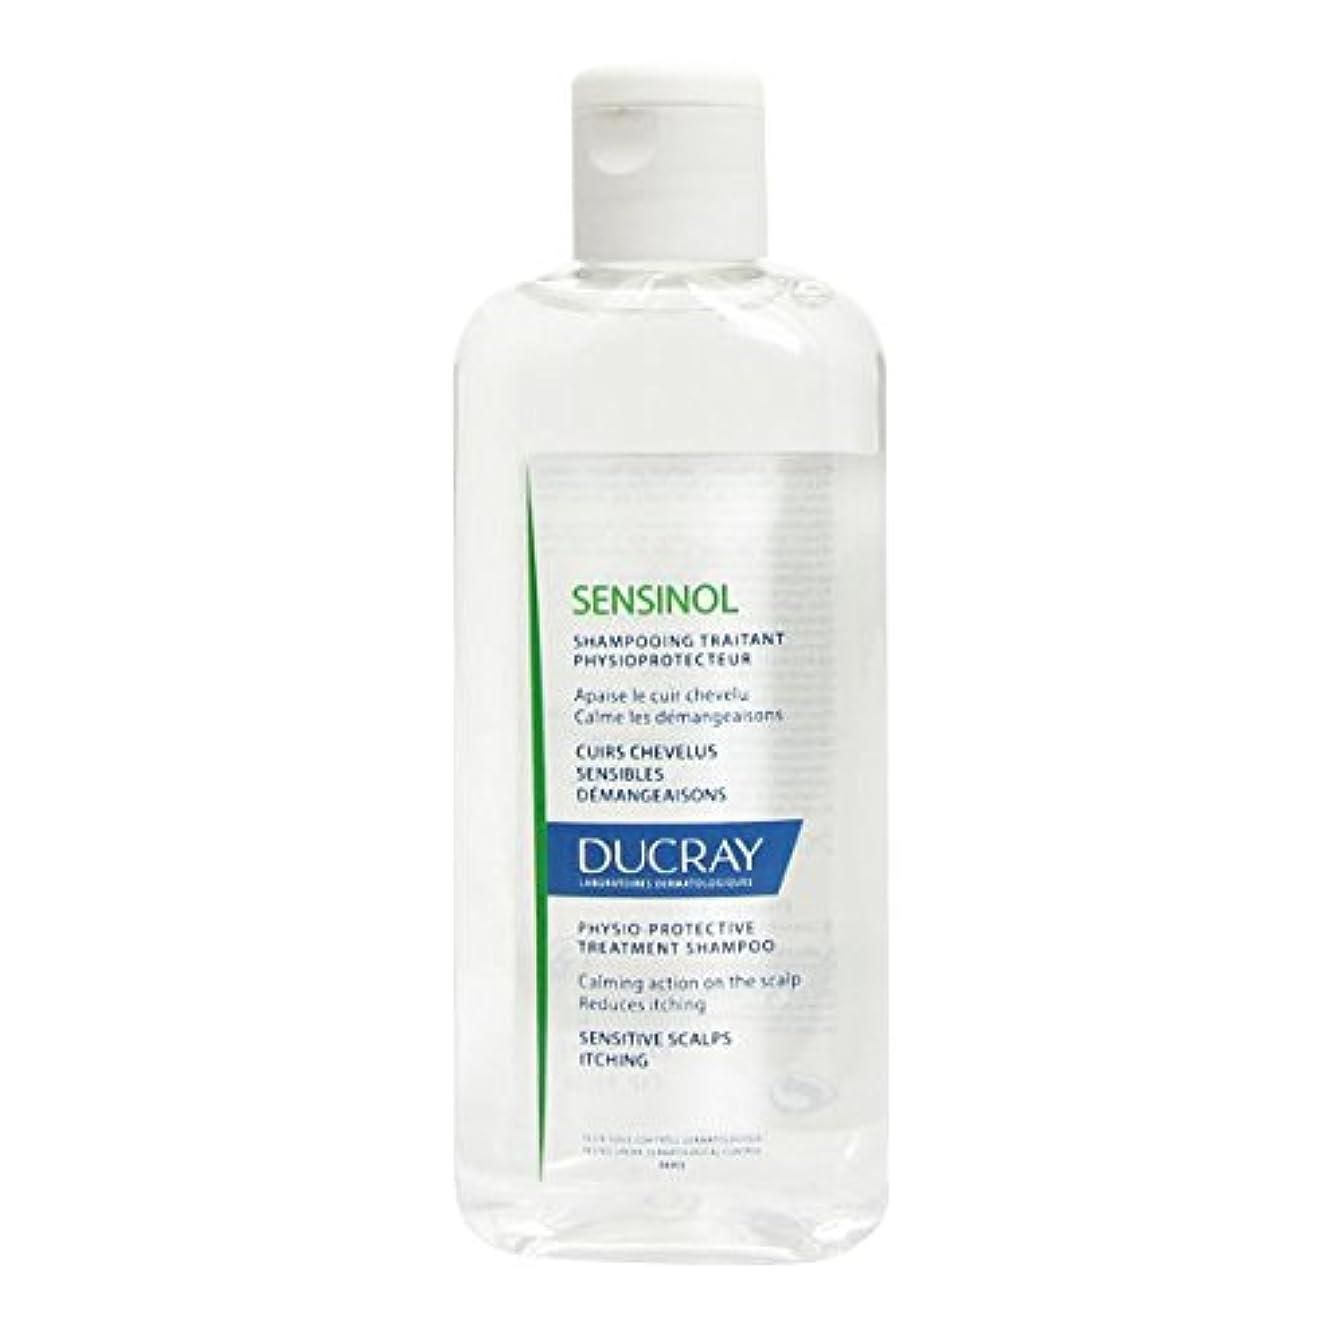 収穫マイナー意識的Ducray Sensinol Protective Shampoo 200ml [並行輸入品]